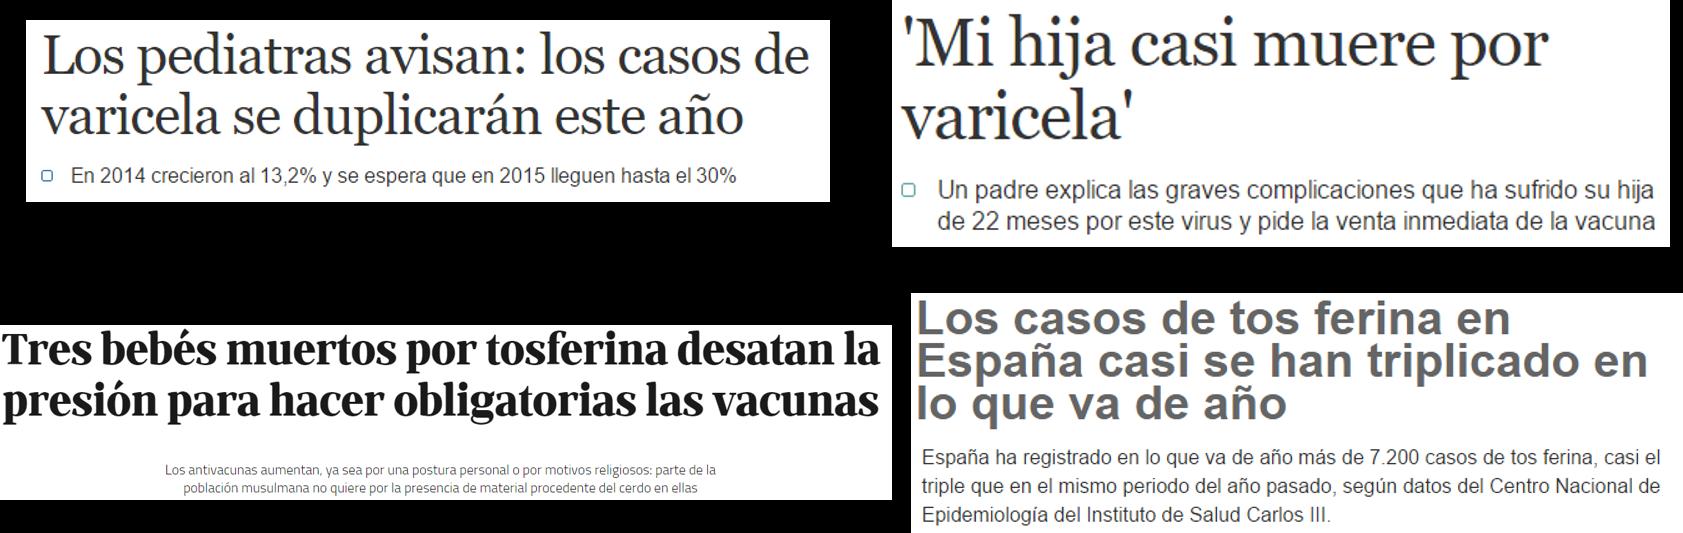 CASO VACUNA VARICELA Y TOSFERINA